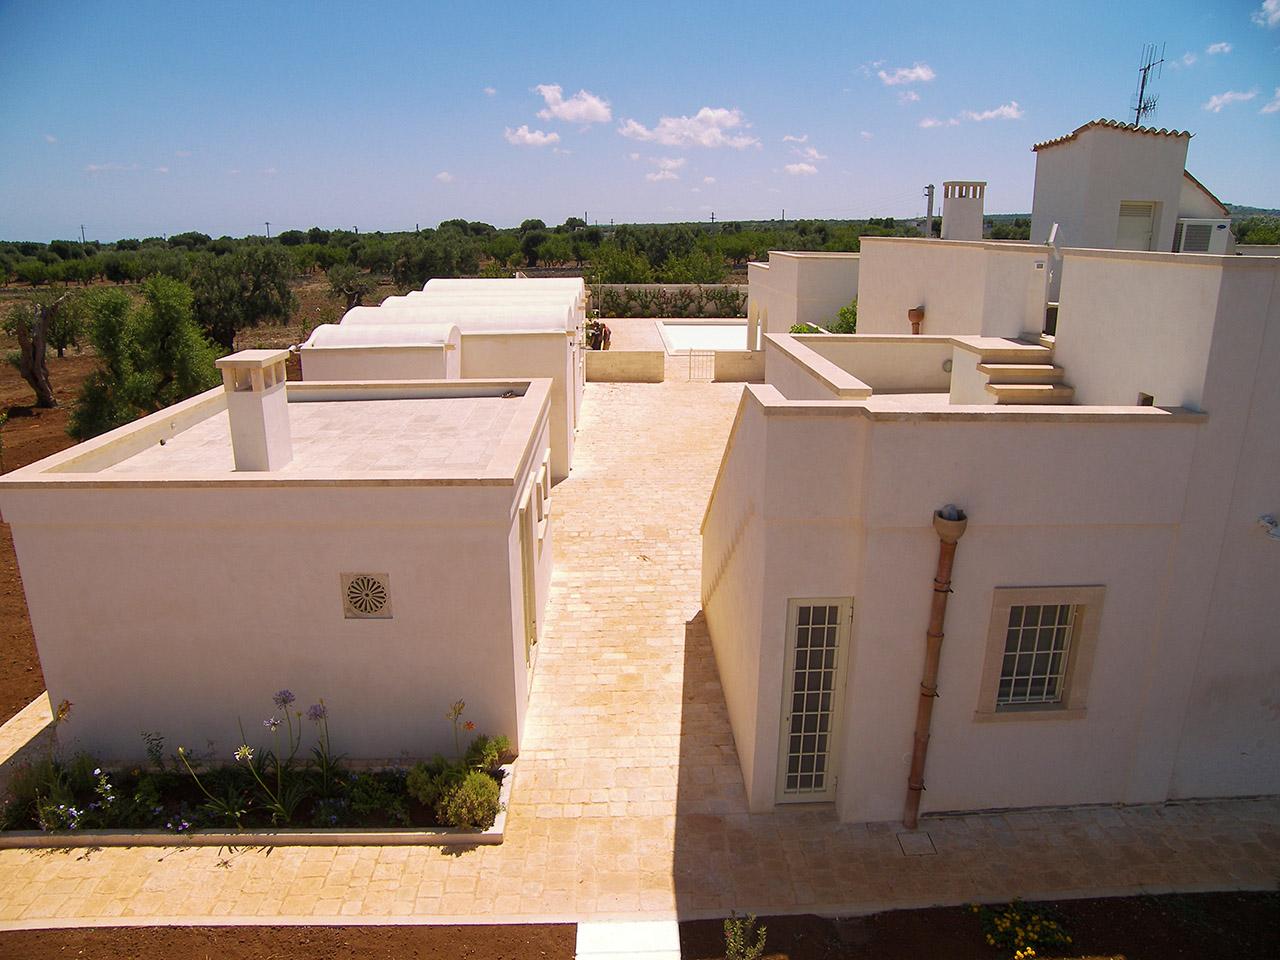 costruzioni restauri sirio ostuni nuova residenza privata ristrutturazione recupero ostuni 100 4909